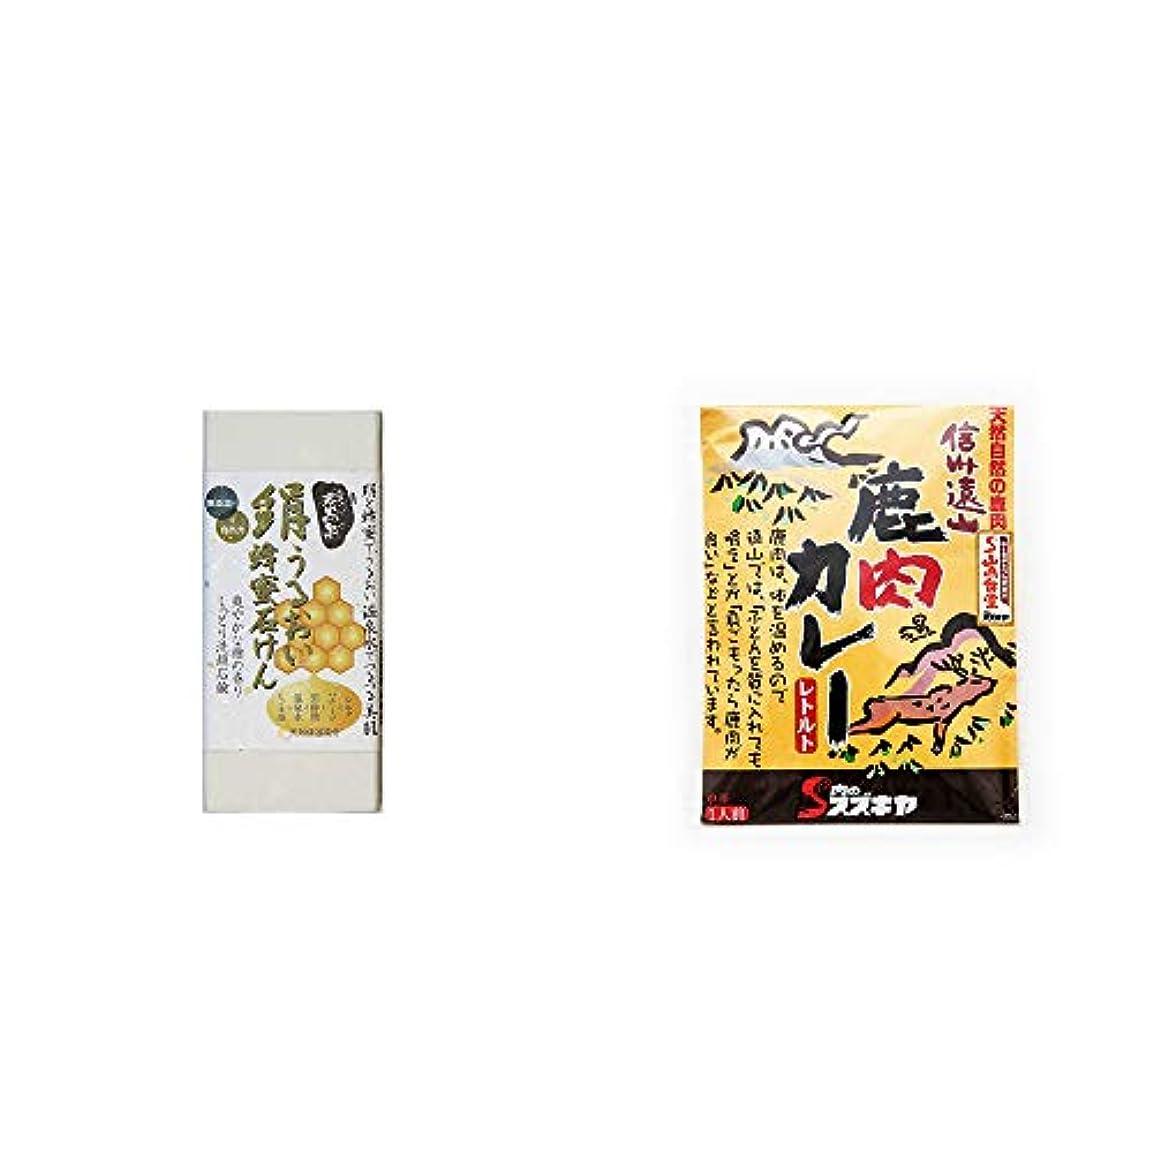 商業の篭反乱[2点セット] ひのき炭黒泉 絹うるおい蜂蜜石けん(75g×2)?信州遠山 鹿肉カレー 中辛 (1食分)